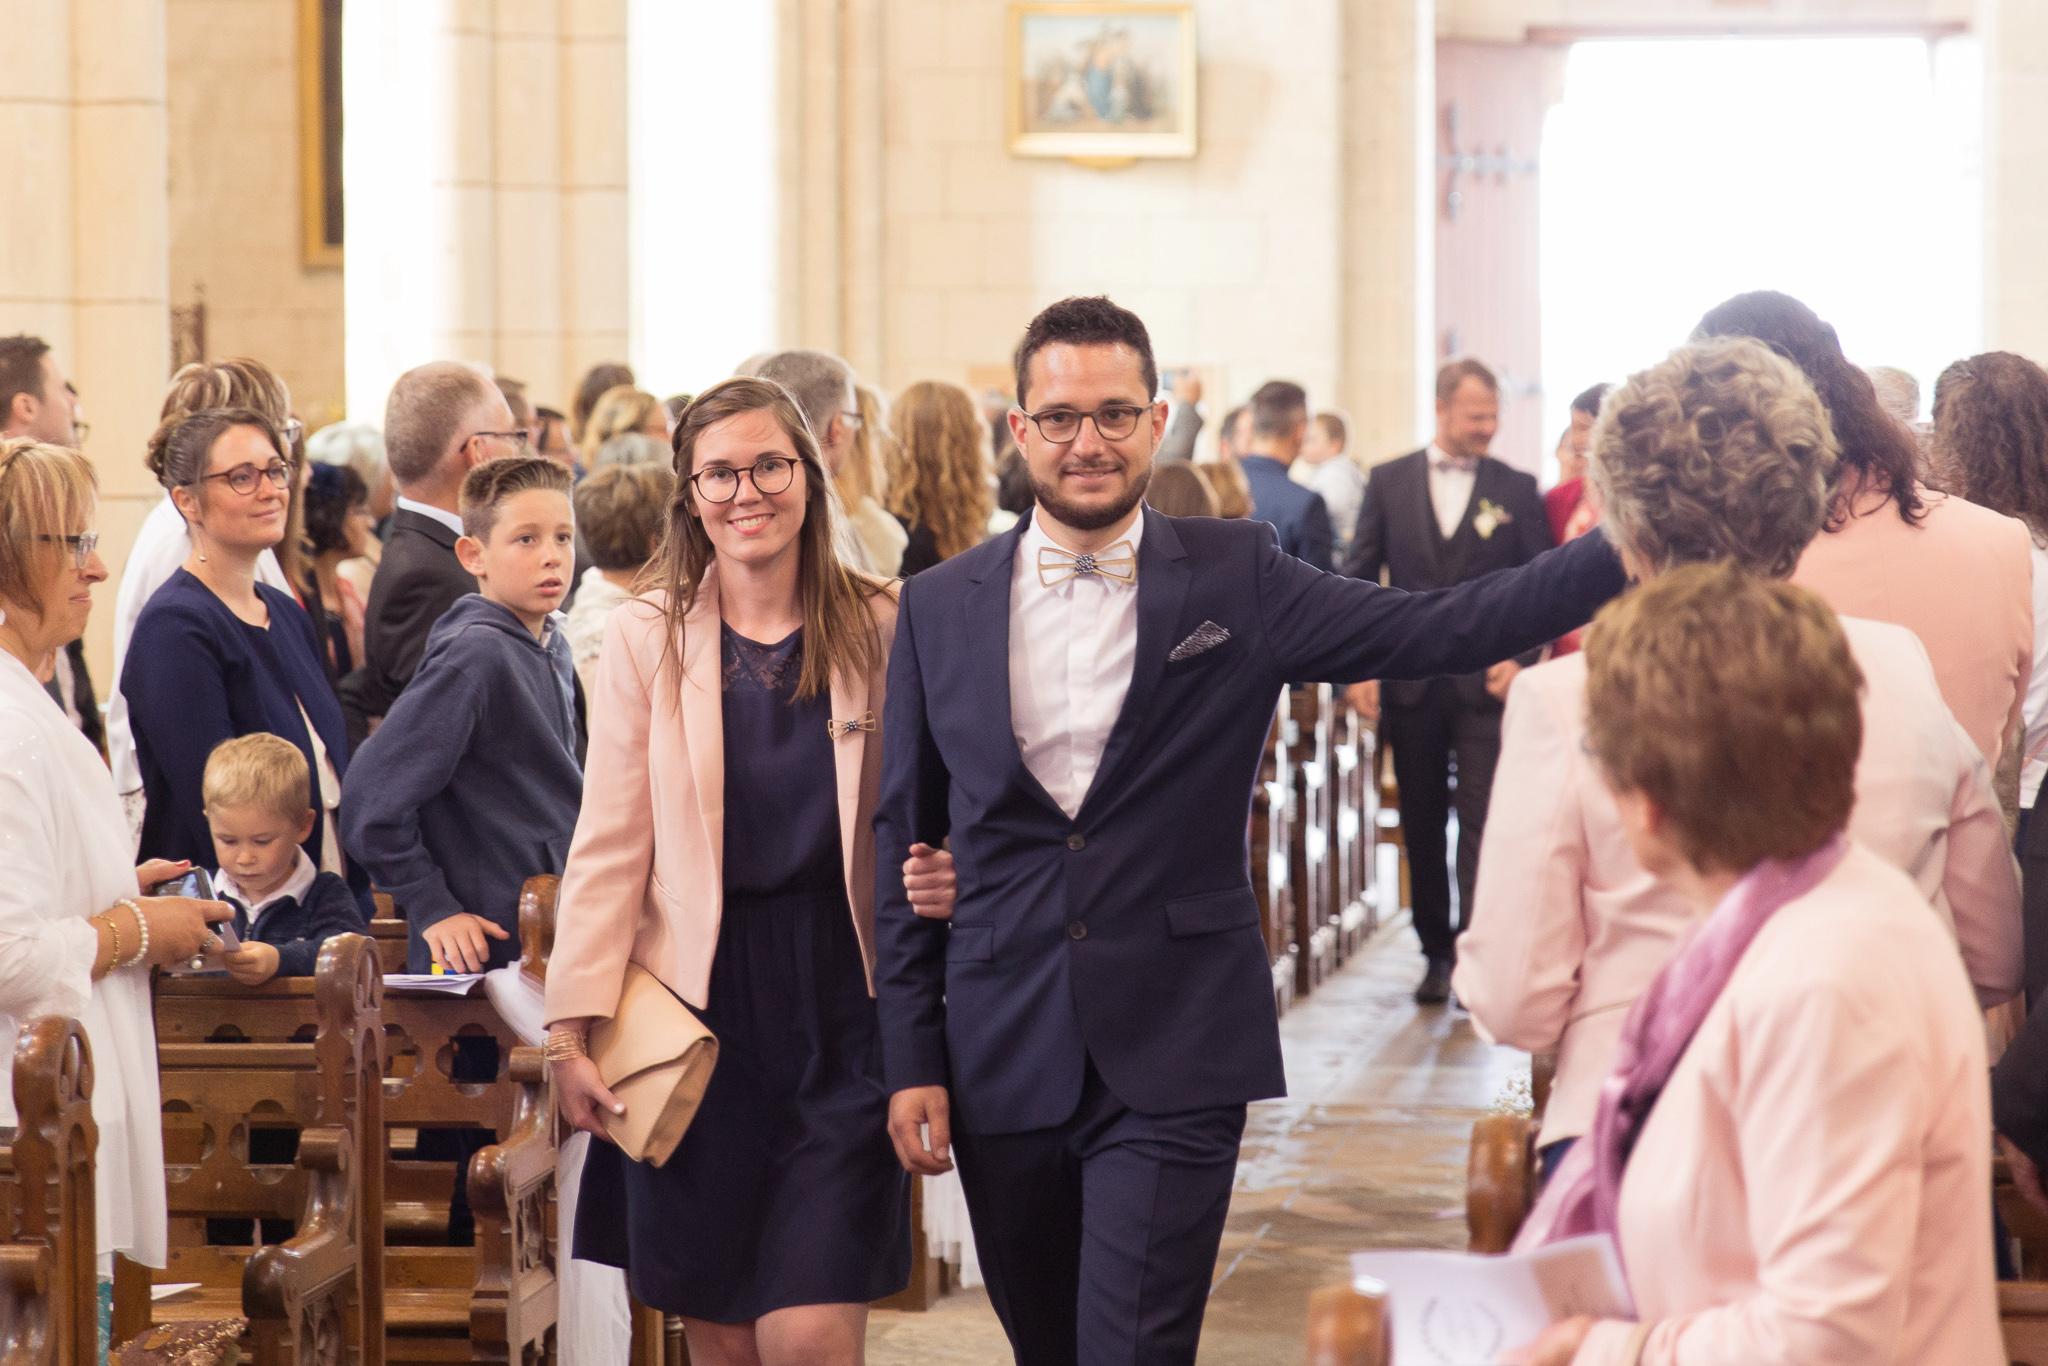 mariage wedding nantes noeud papillon bois atelier dernest 18